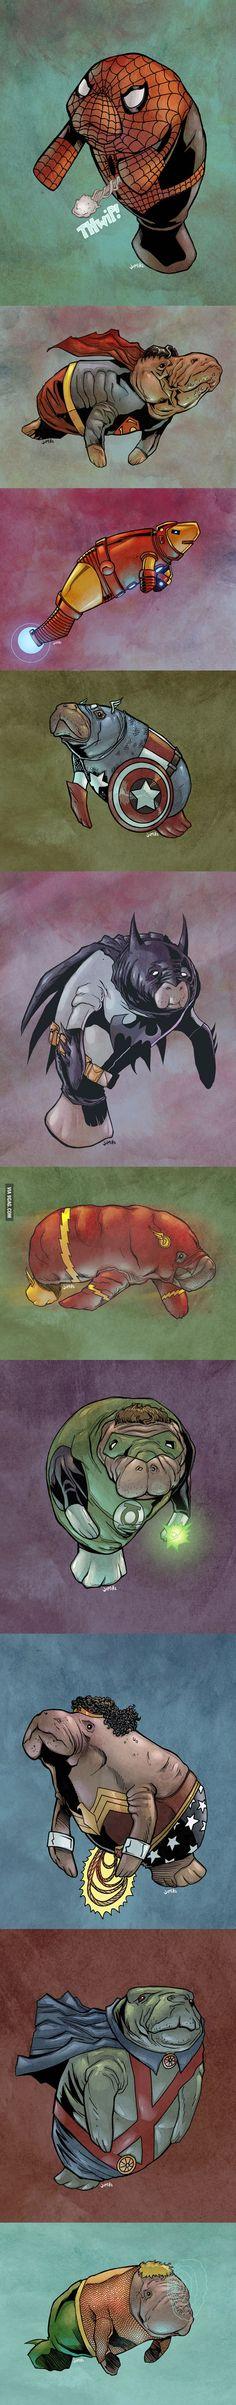 Superheroes as Manatees